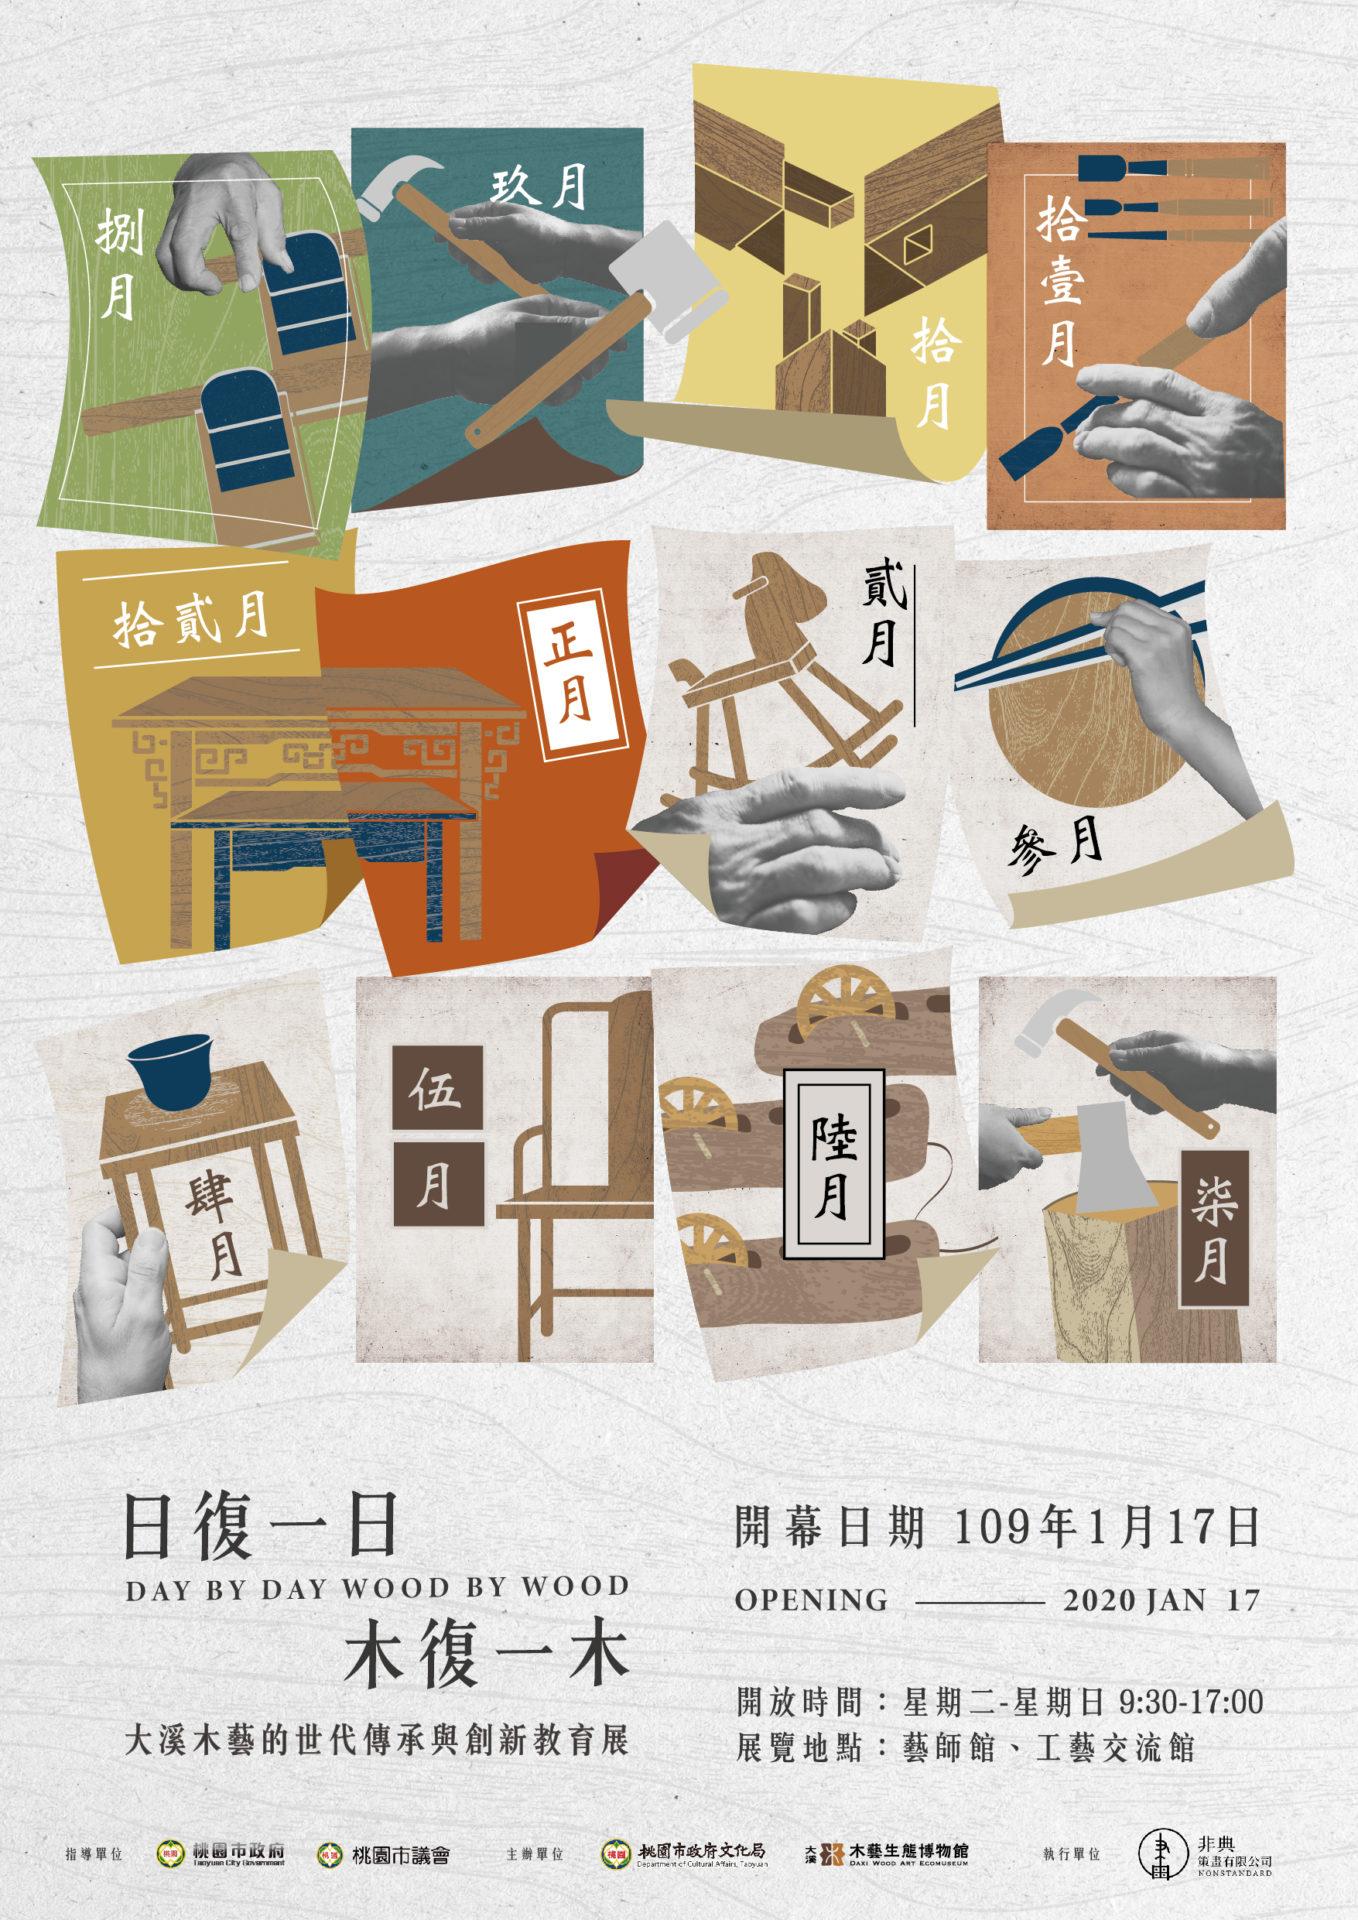 桃園市立大溪木藝生態博物館:2020/01/17起【日復一日 木復一木 大溪木藝的世代傳承與創新教育展】